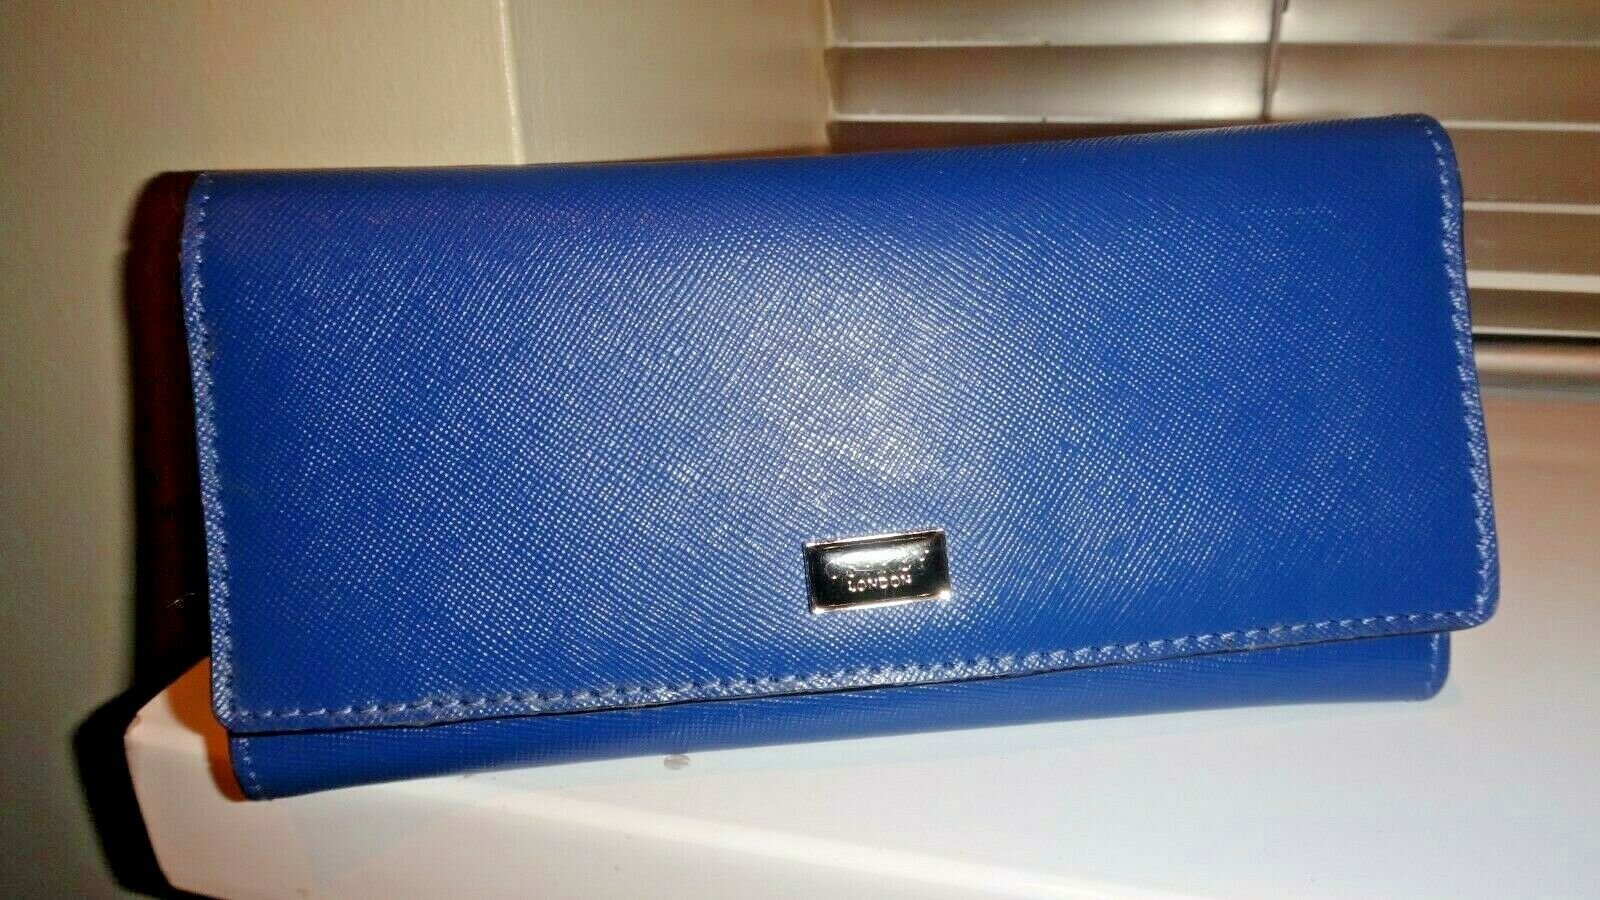 Osprey By GRAEME ELLISDON London Tri-Fold Wallet, Purse in Steel Blue 7.5